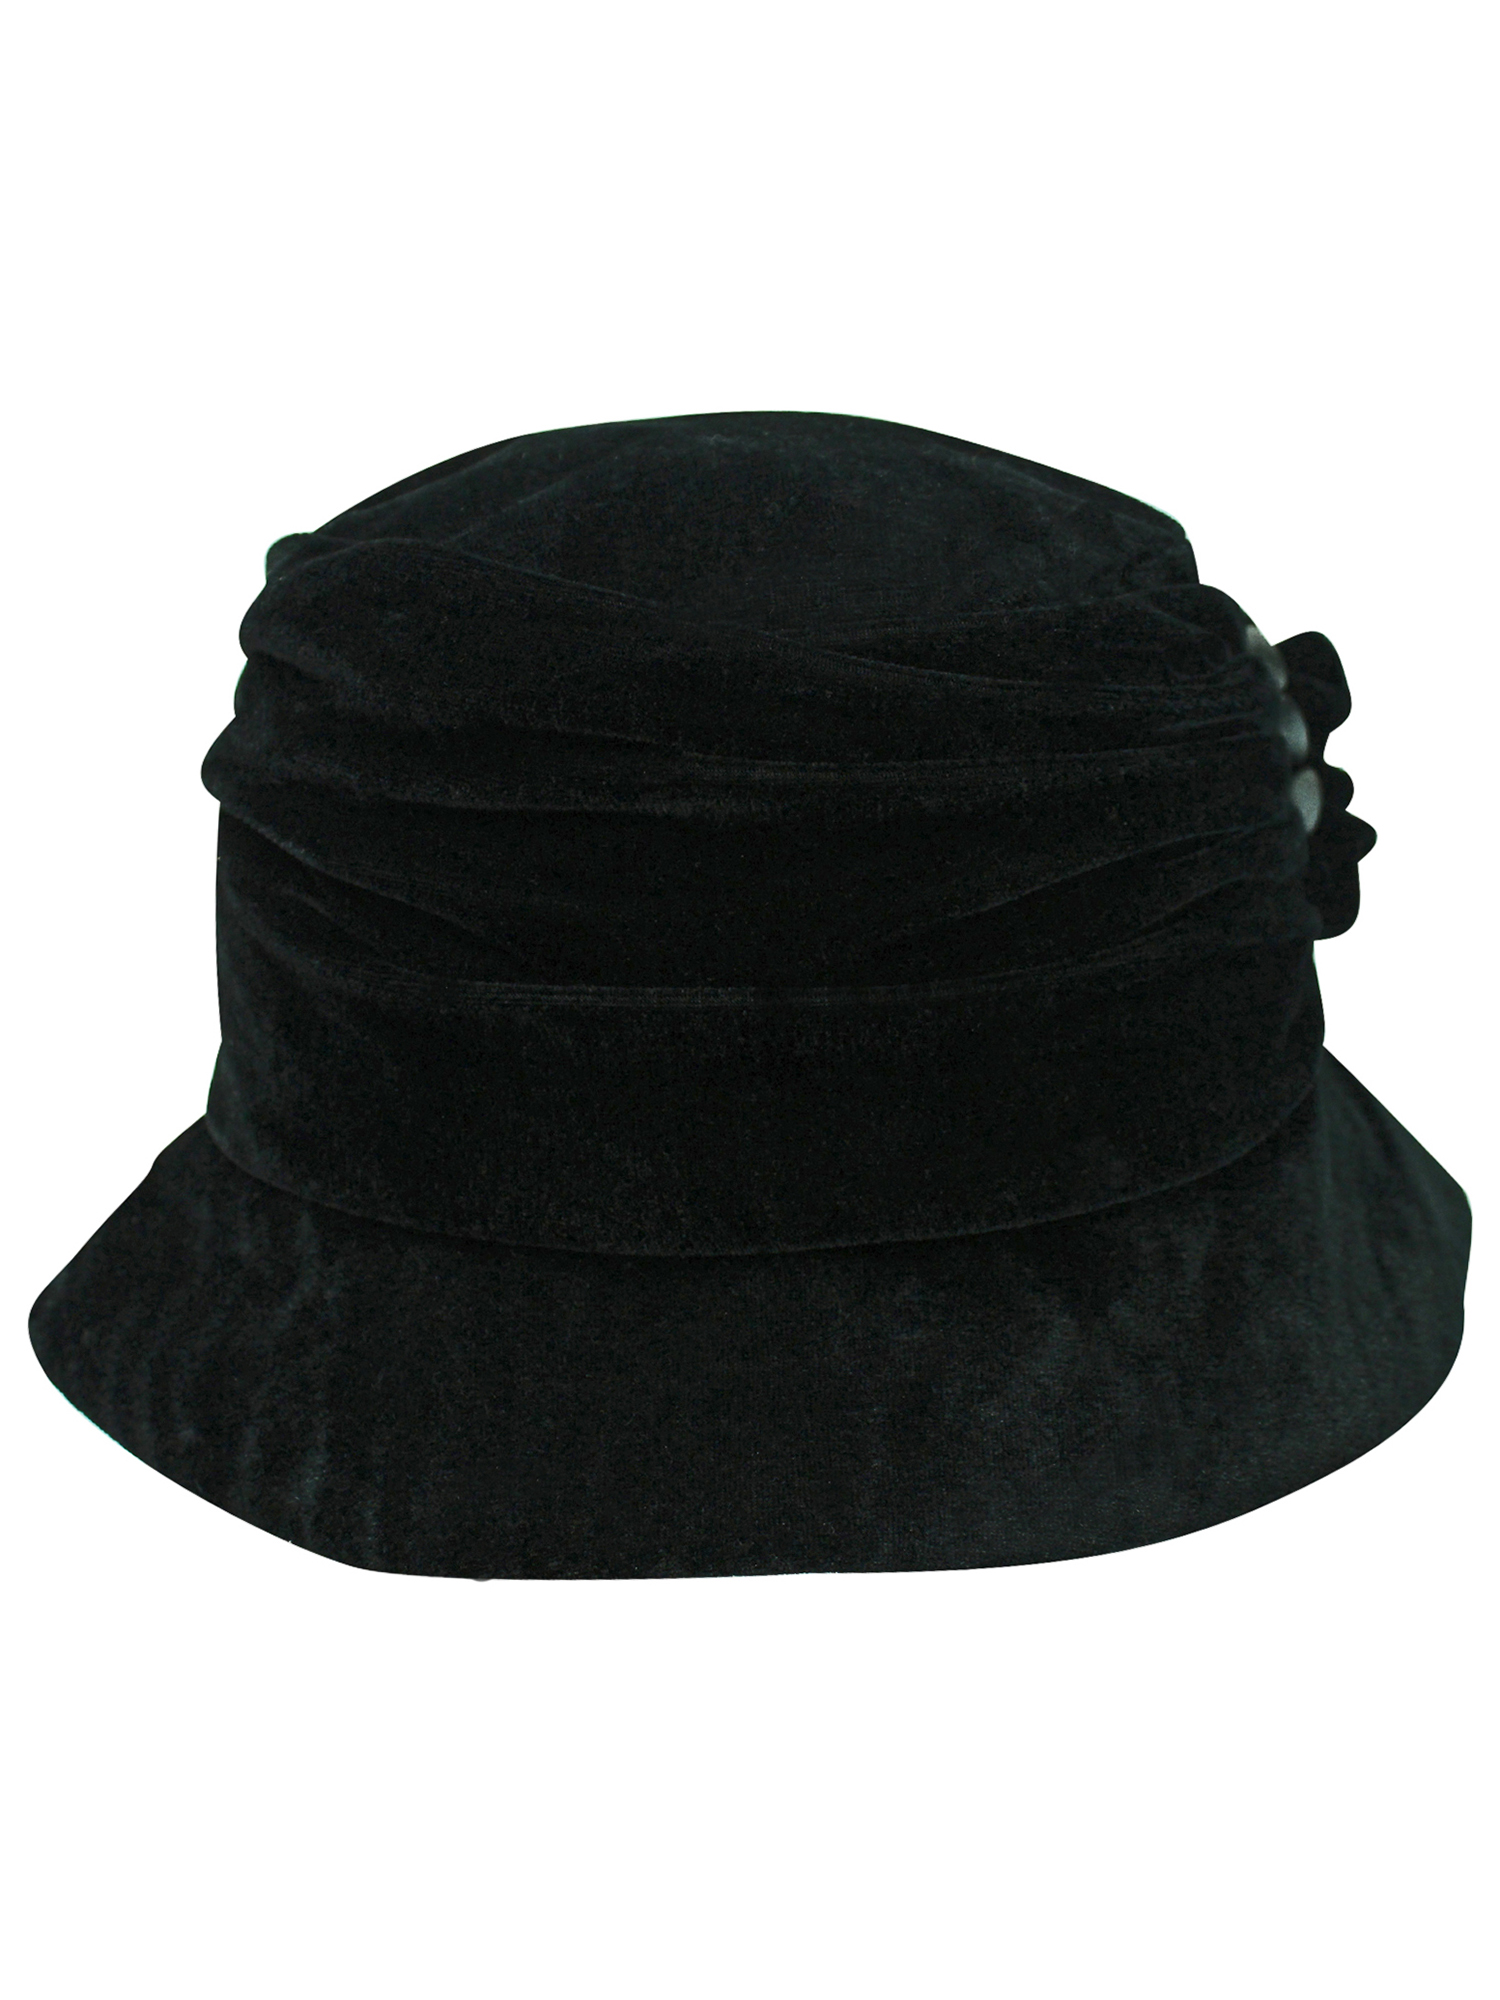 004620c2168a2 VELVET-BUCKET-HAT-WITH-BUTTON-TRIM thumbnail 5